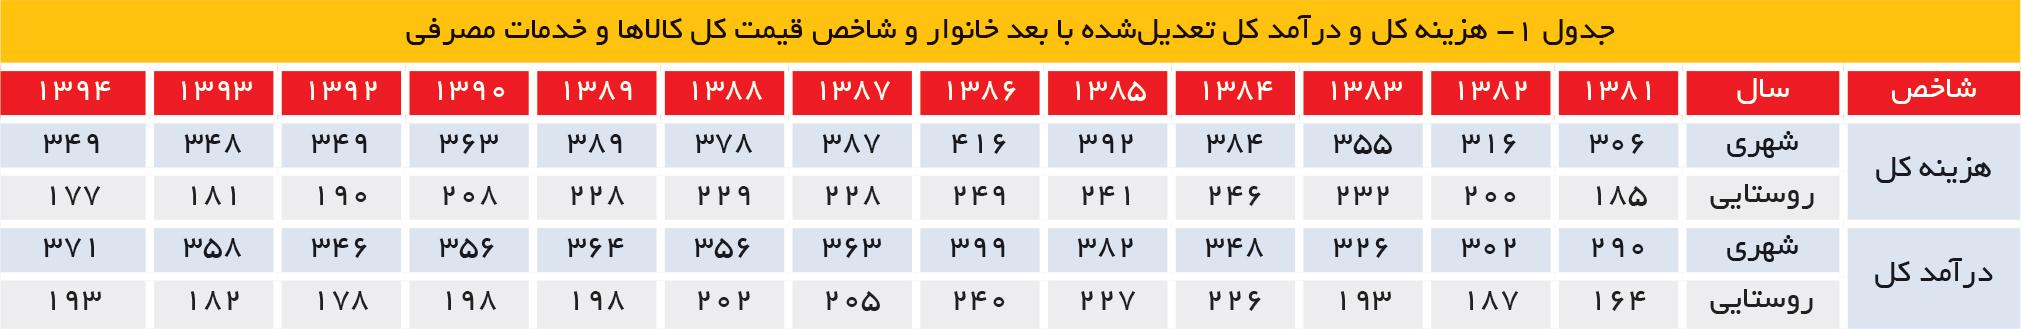 تجارت- فردا- جدول ۱- هزینه کل و درآمد کل تعدیلشده با بعد خانوار و شاخص قیمت کل کالاها و خدمات مصرفی